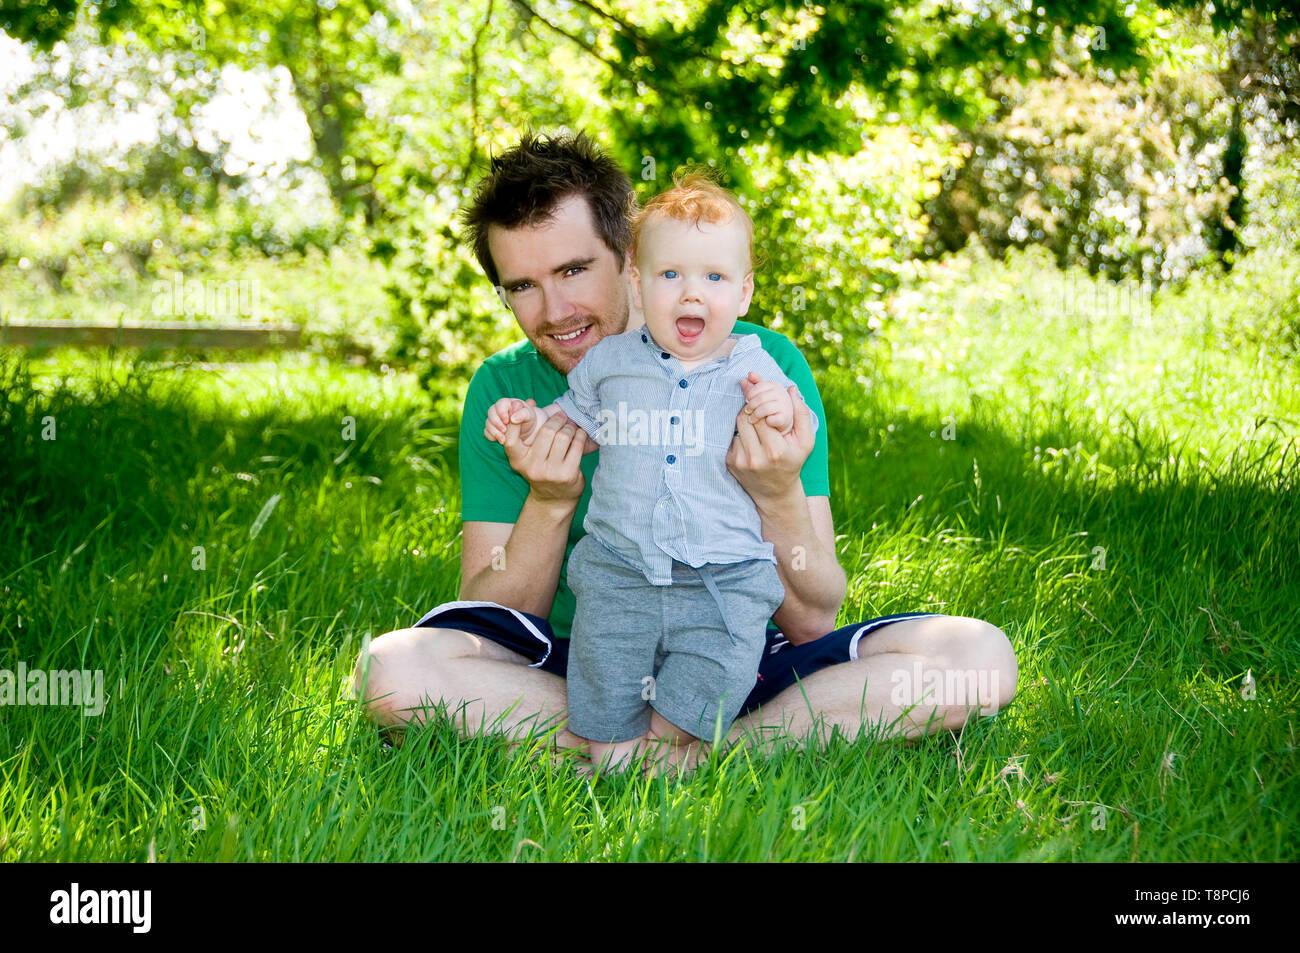 Los jóvenes papá con Baby Boy, sentados al aire libre en el jardín en un día soleado. Imagen De Stock